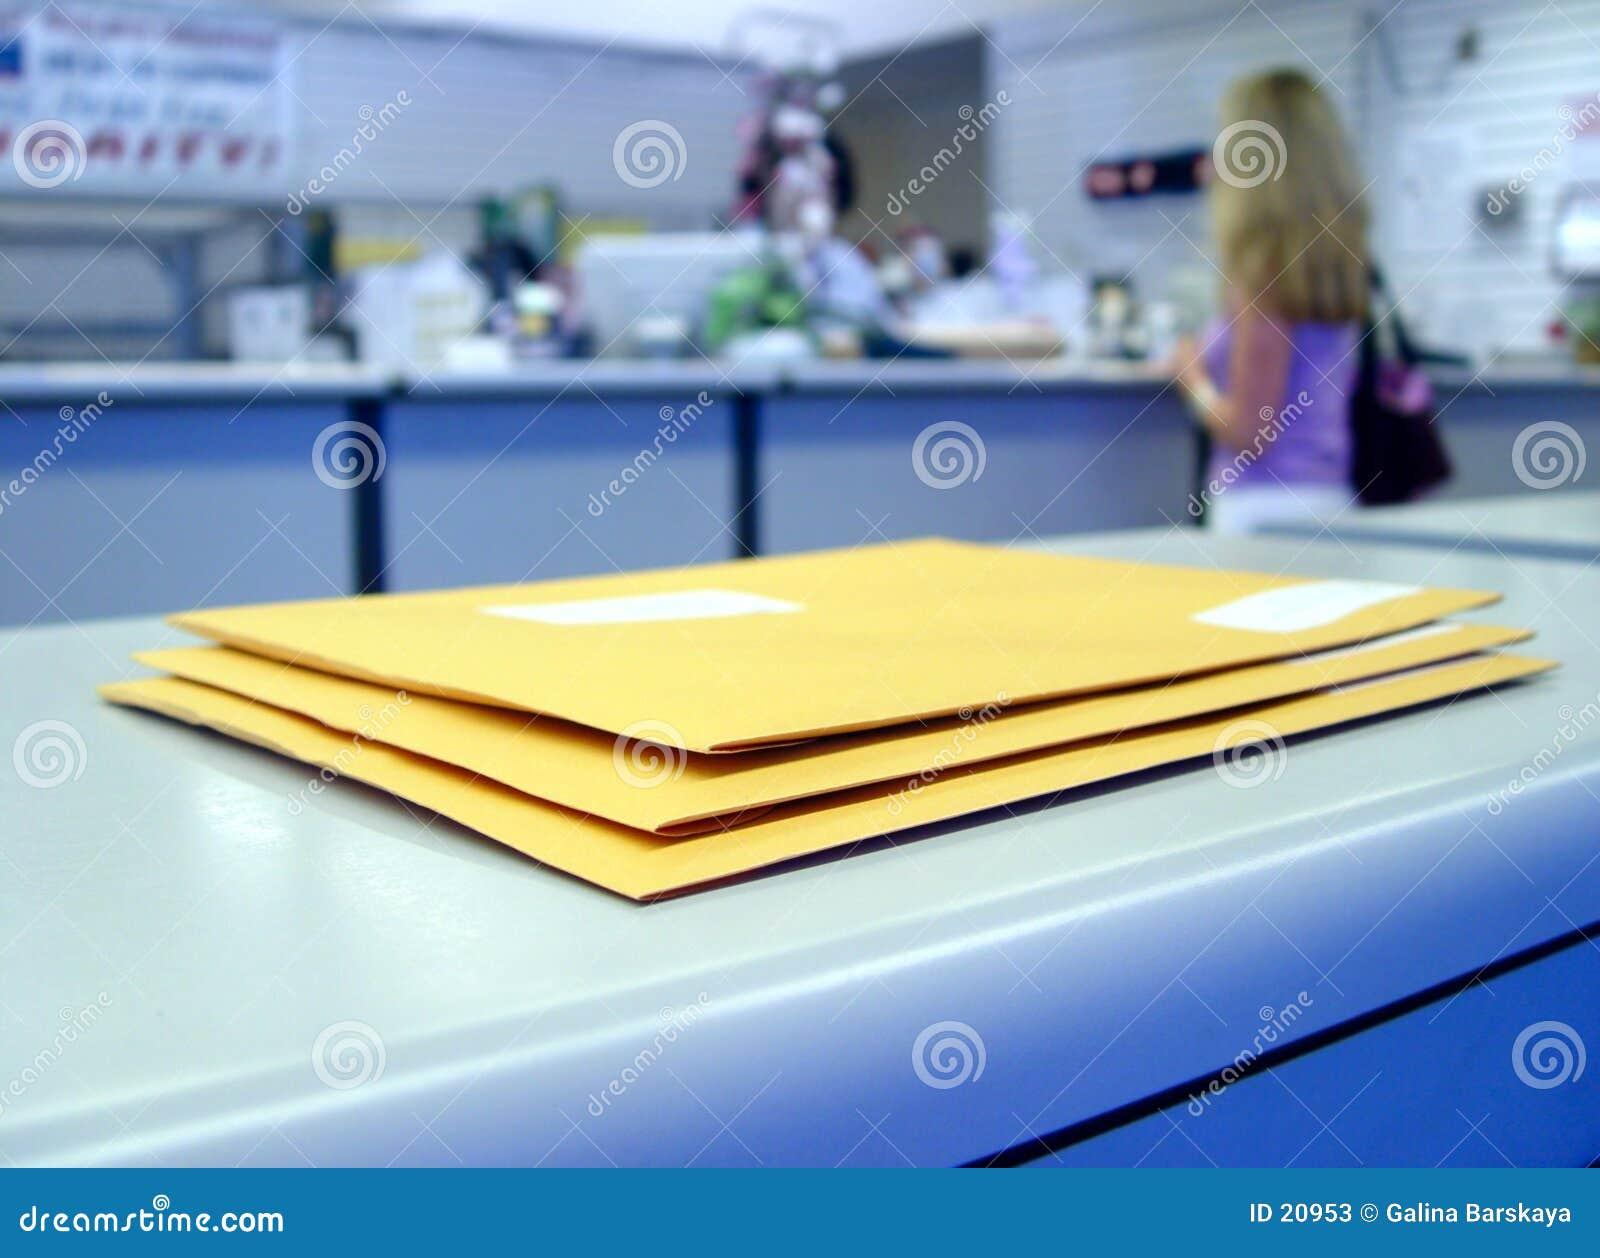 All ufficio postale